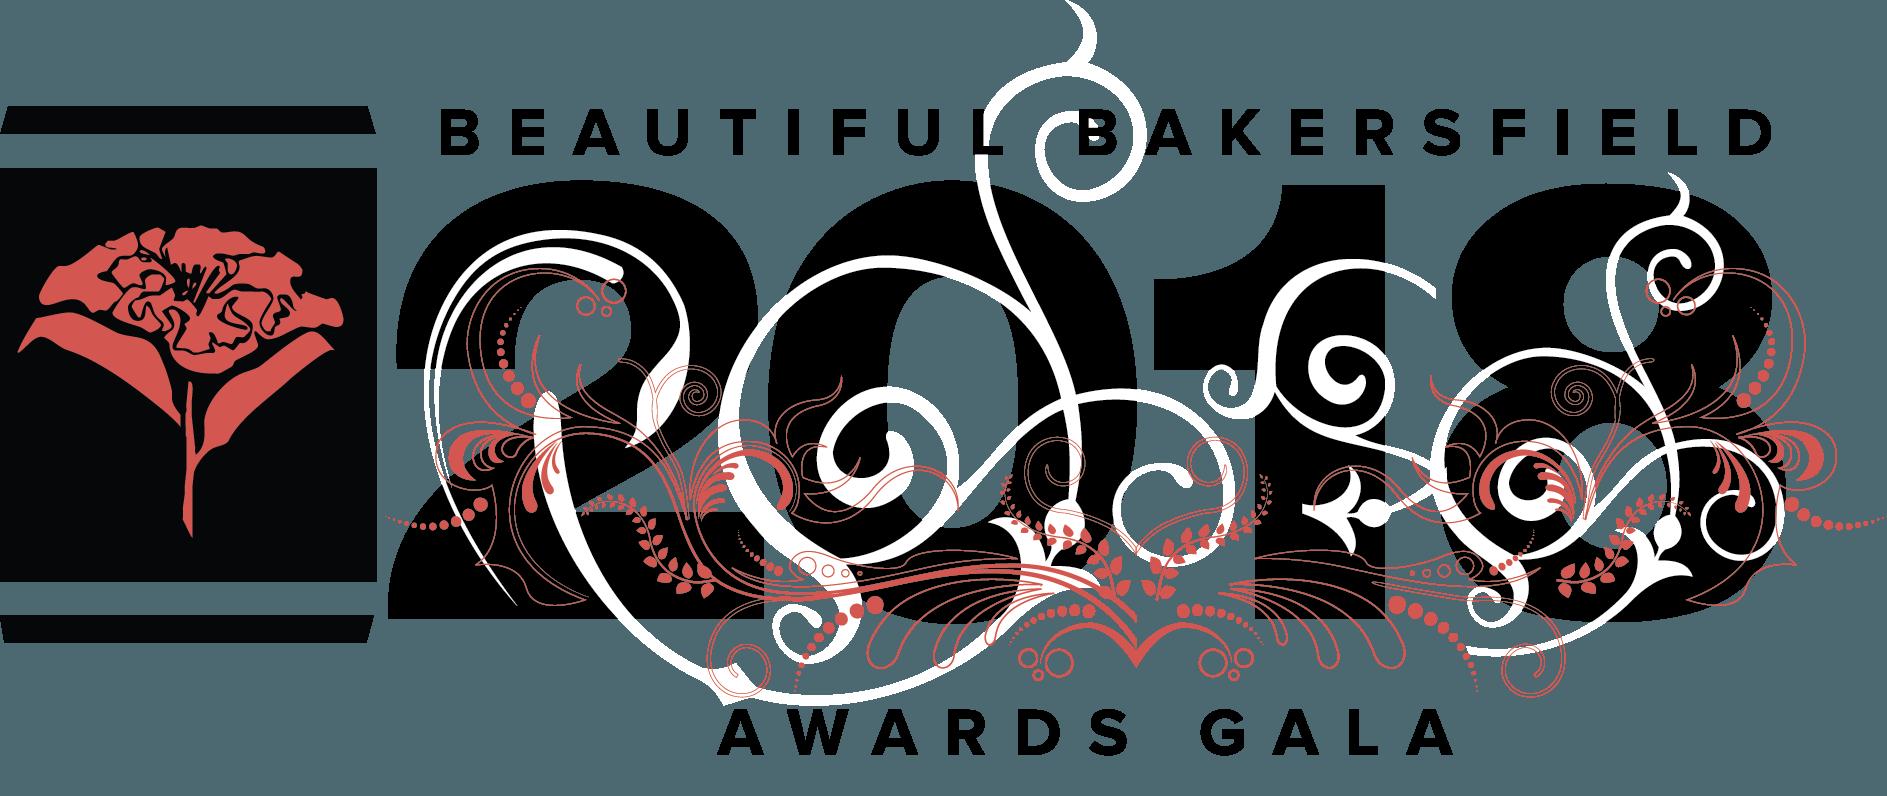 Beautiful-Bakersfield-Logo-2018_1516136578807.png